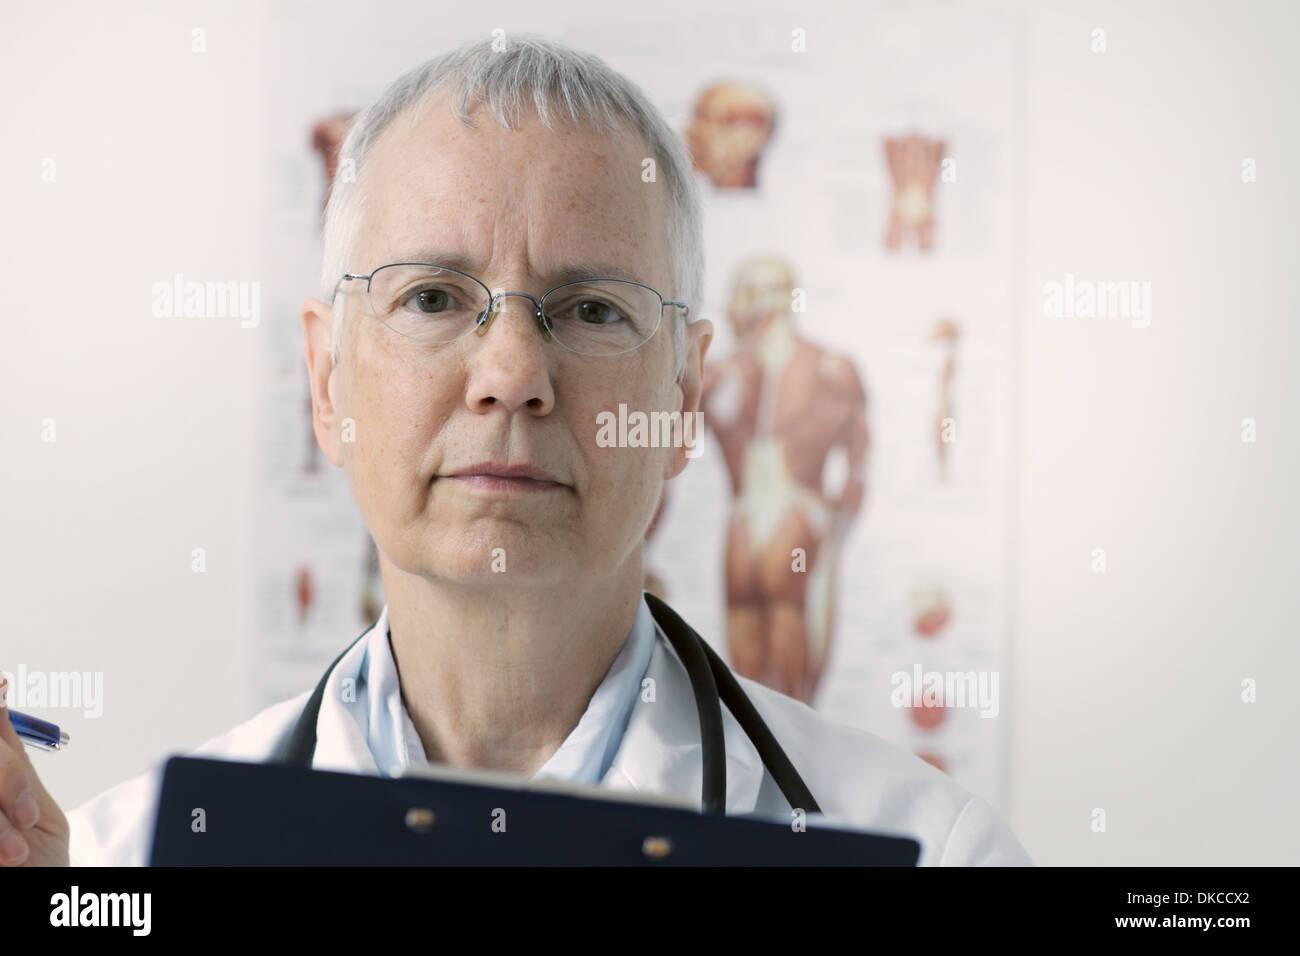 Une femme doc avec un muscle humain personne poster à l'arrière-plan Photo Stock